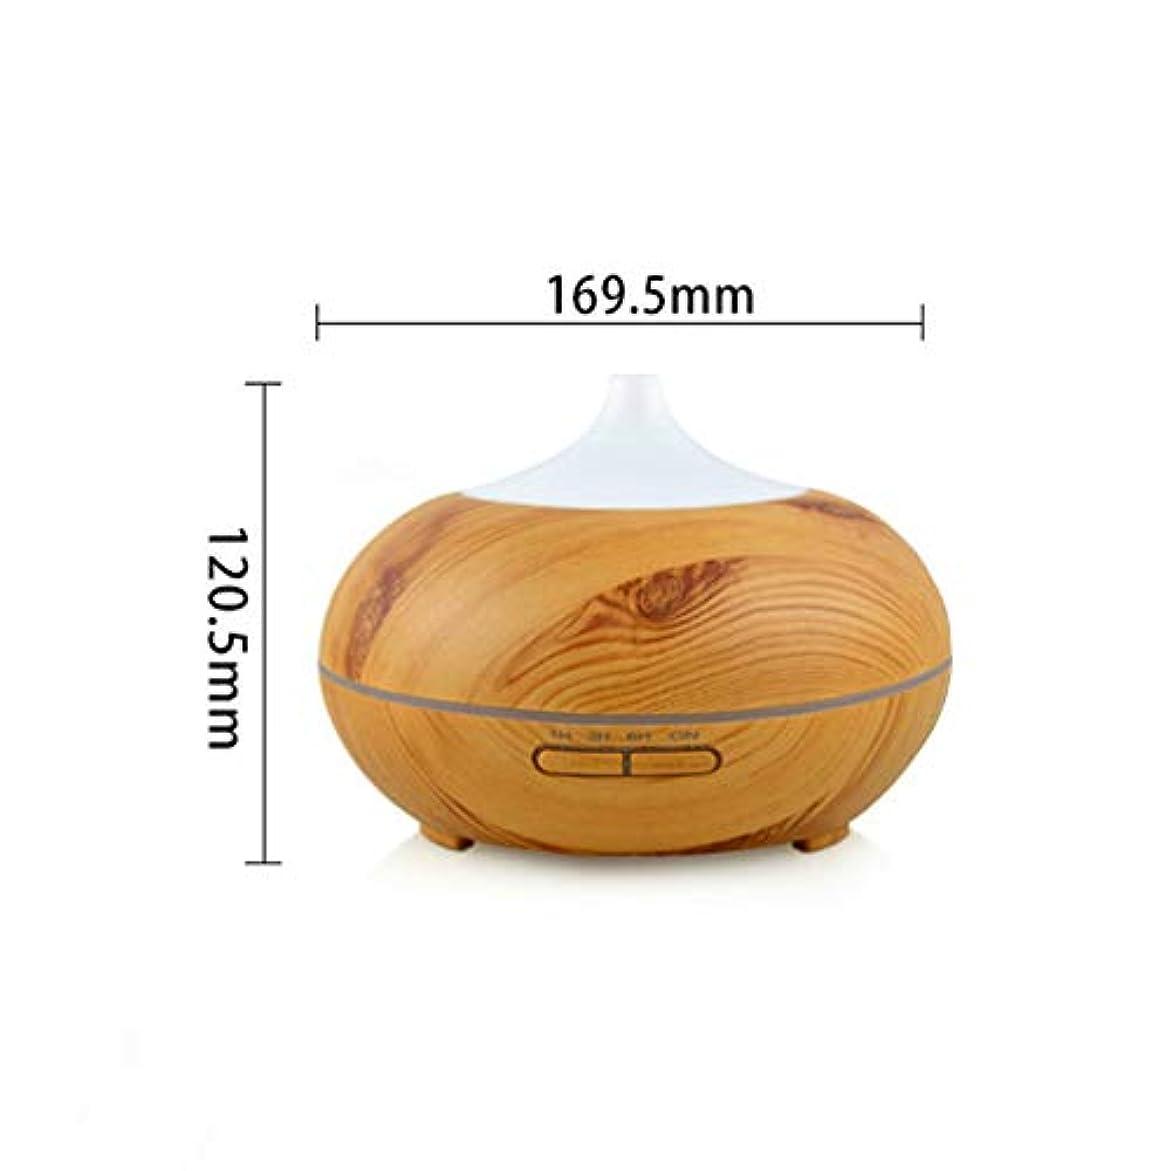 アウトドア手さらに木目 涼しい霧 加湿器,7 色 空気を浄化 加湿機 時間 手動 Wifiアプリコントロール 精油 ディフューザー アロマネブライザー Yoga- 300ml